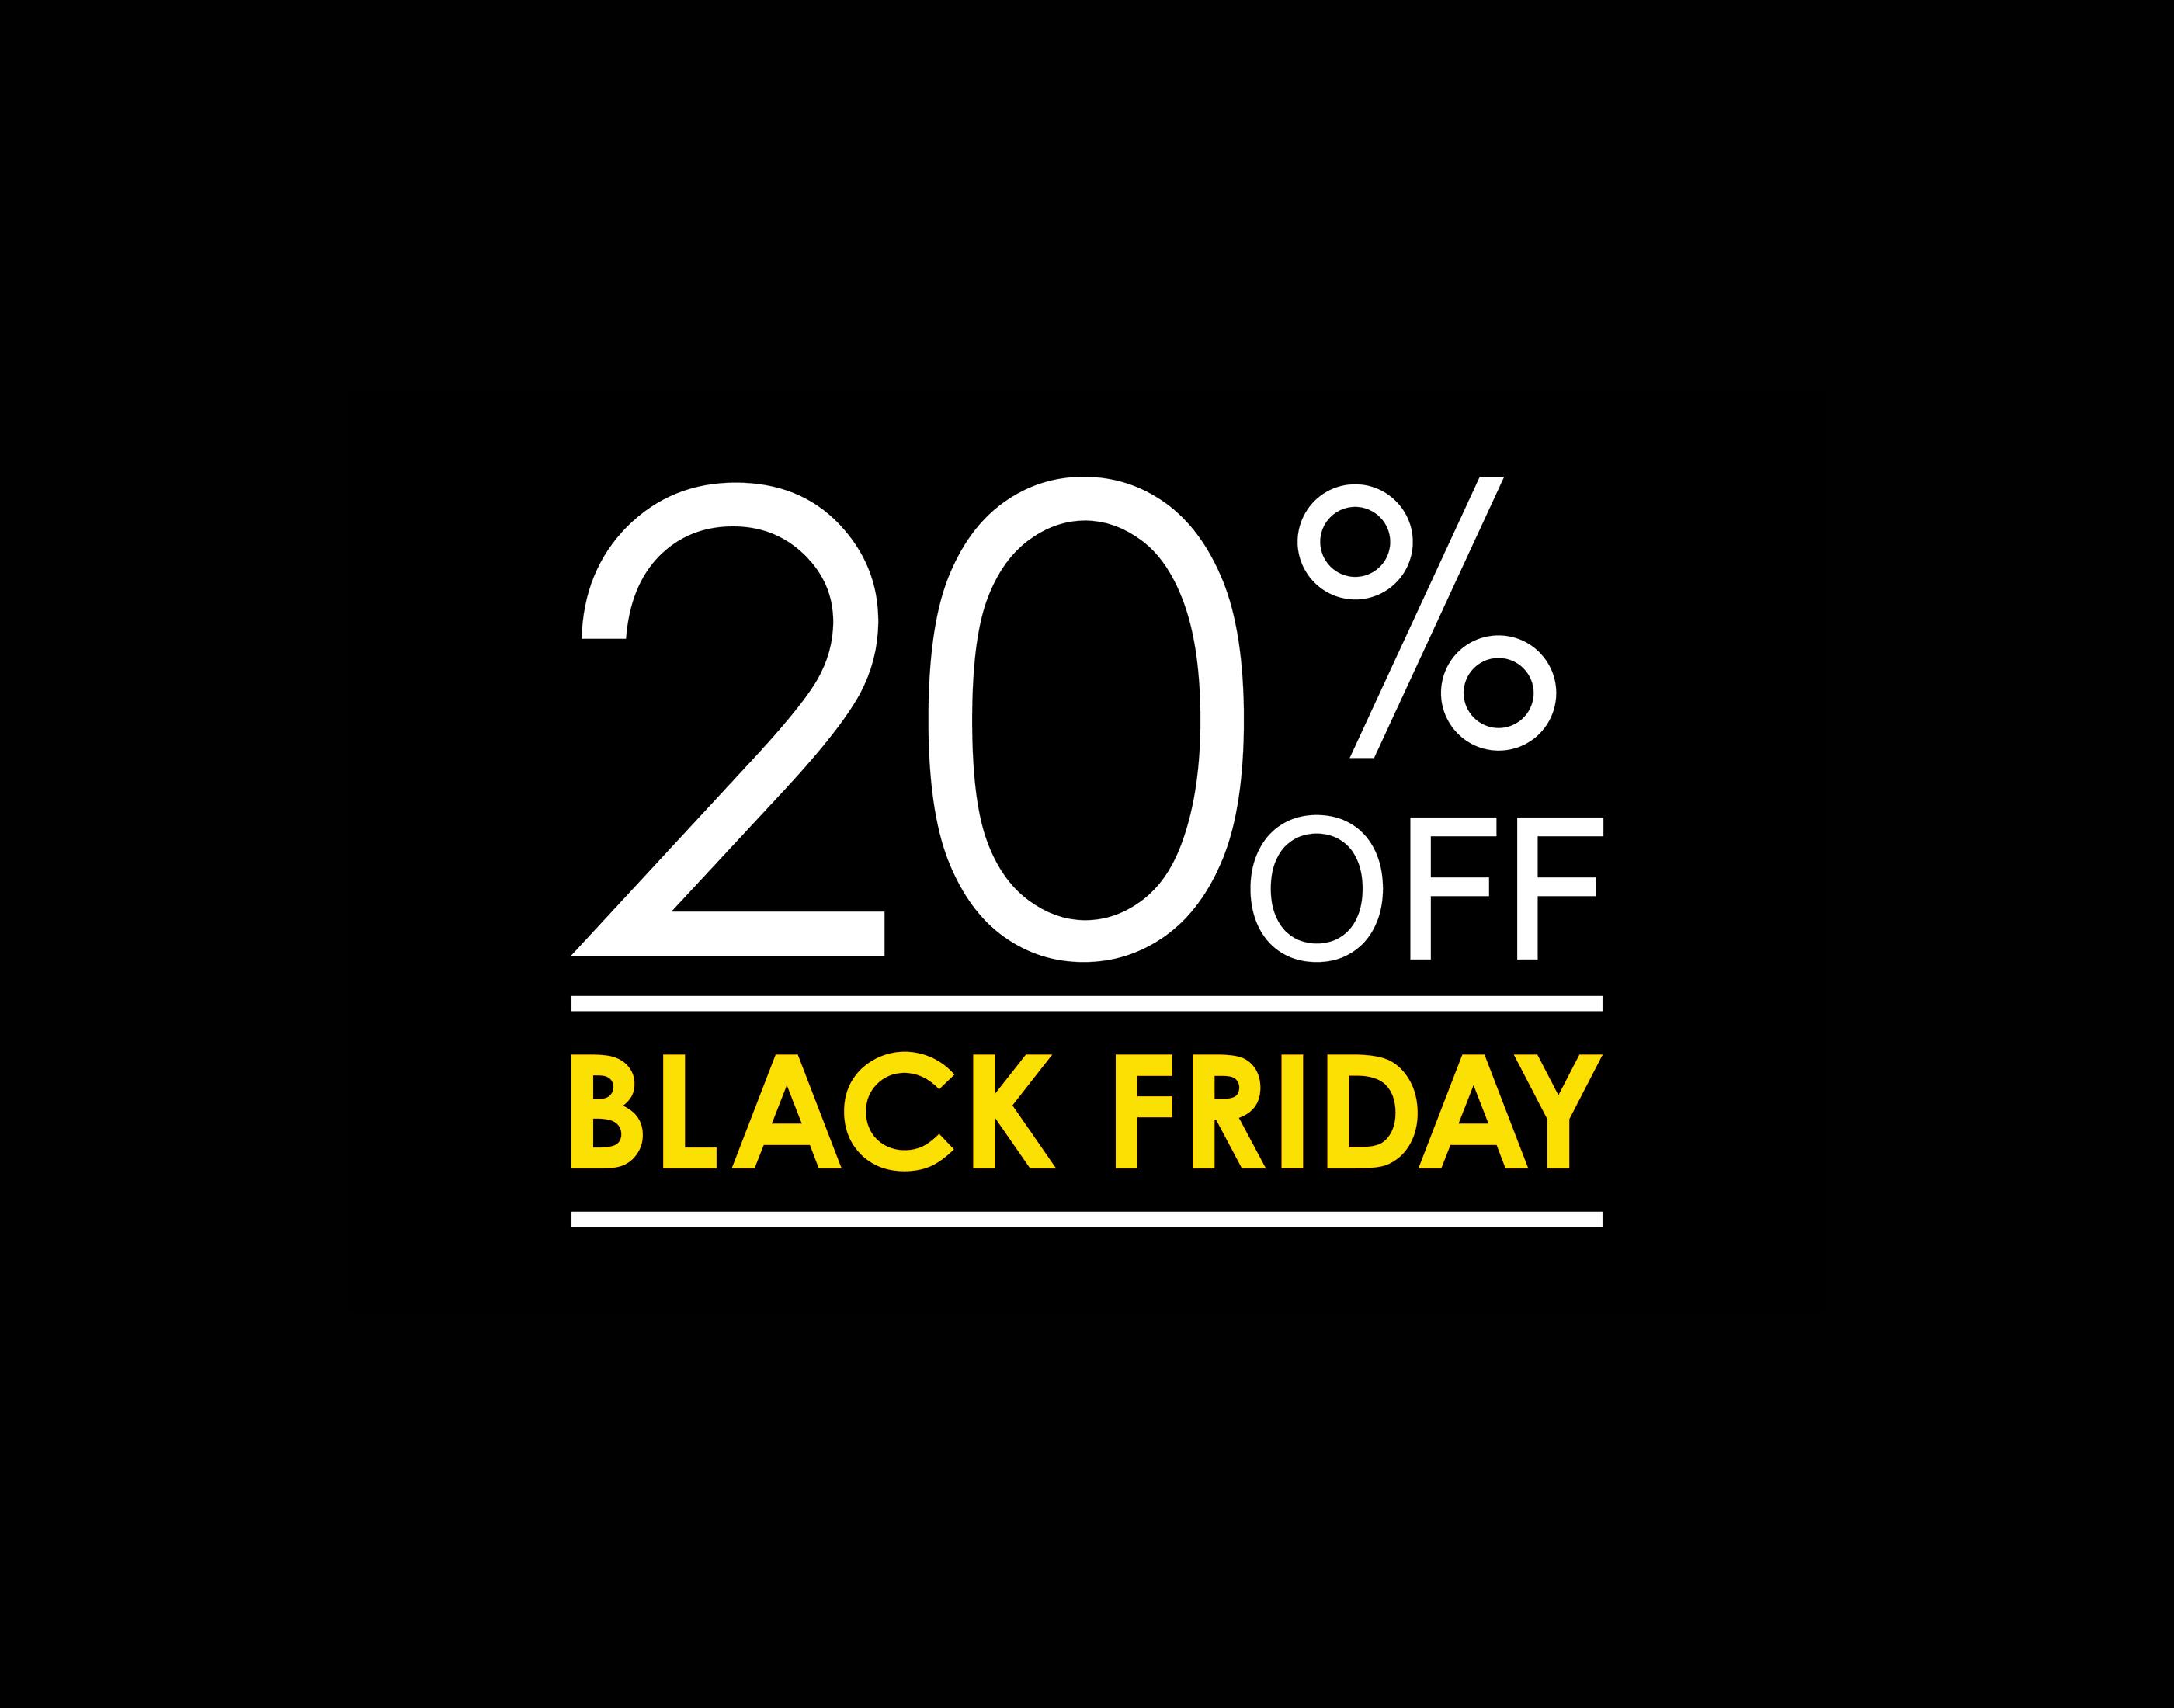 MIMSafe Black Friday 20% Off